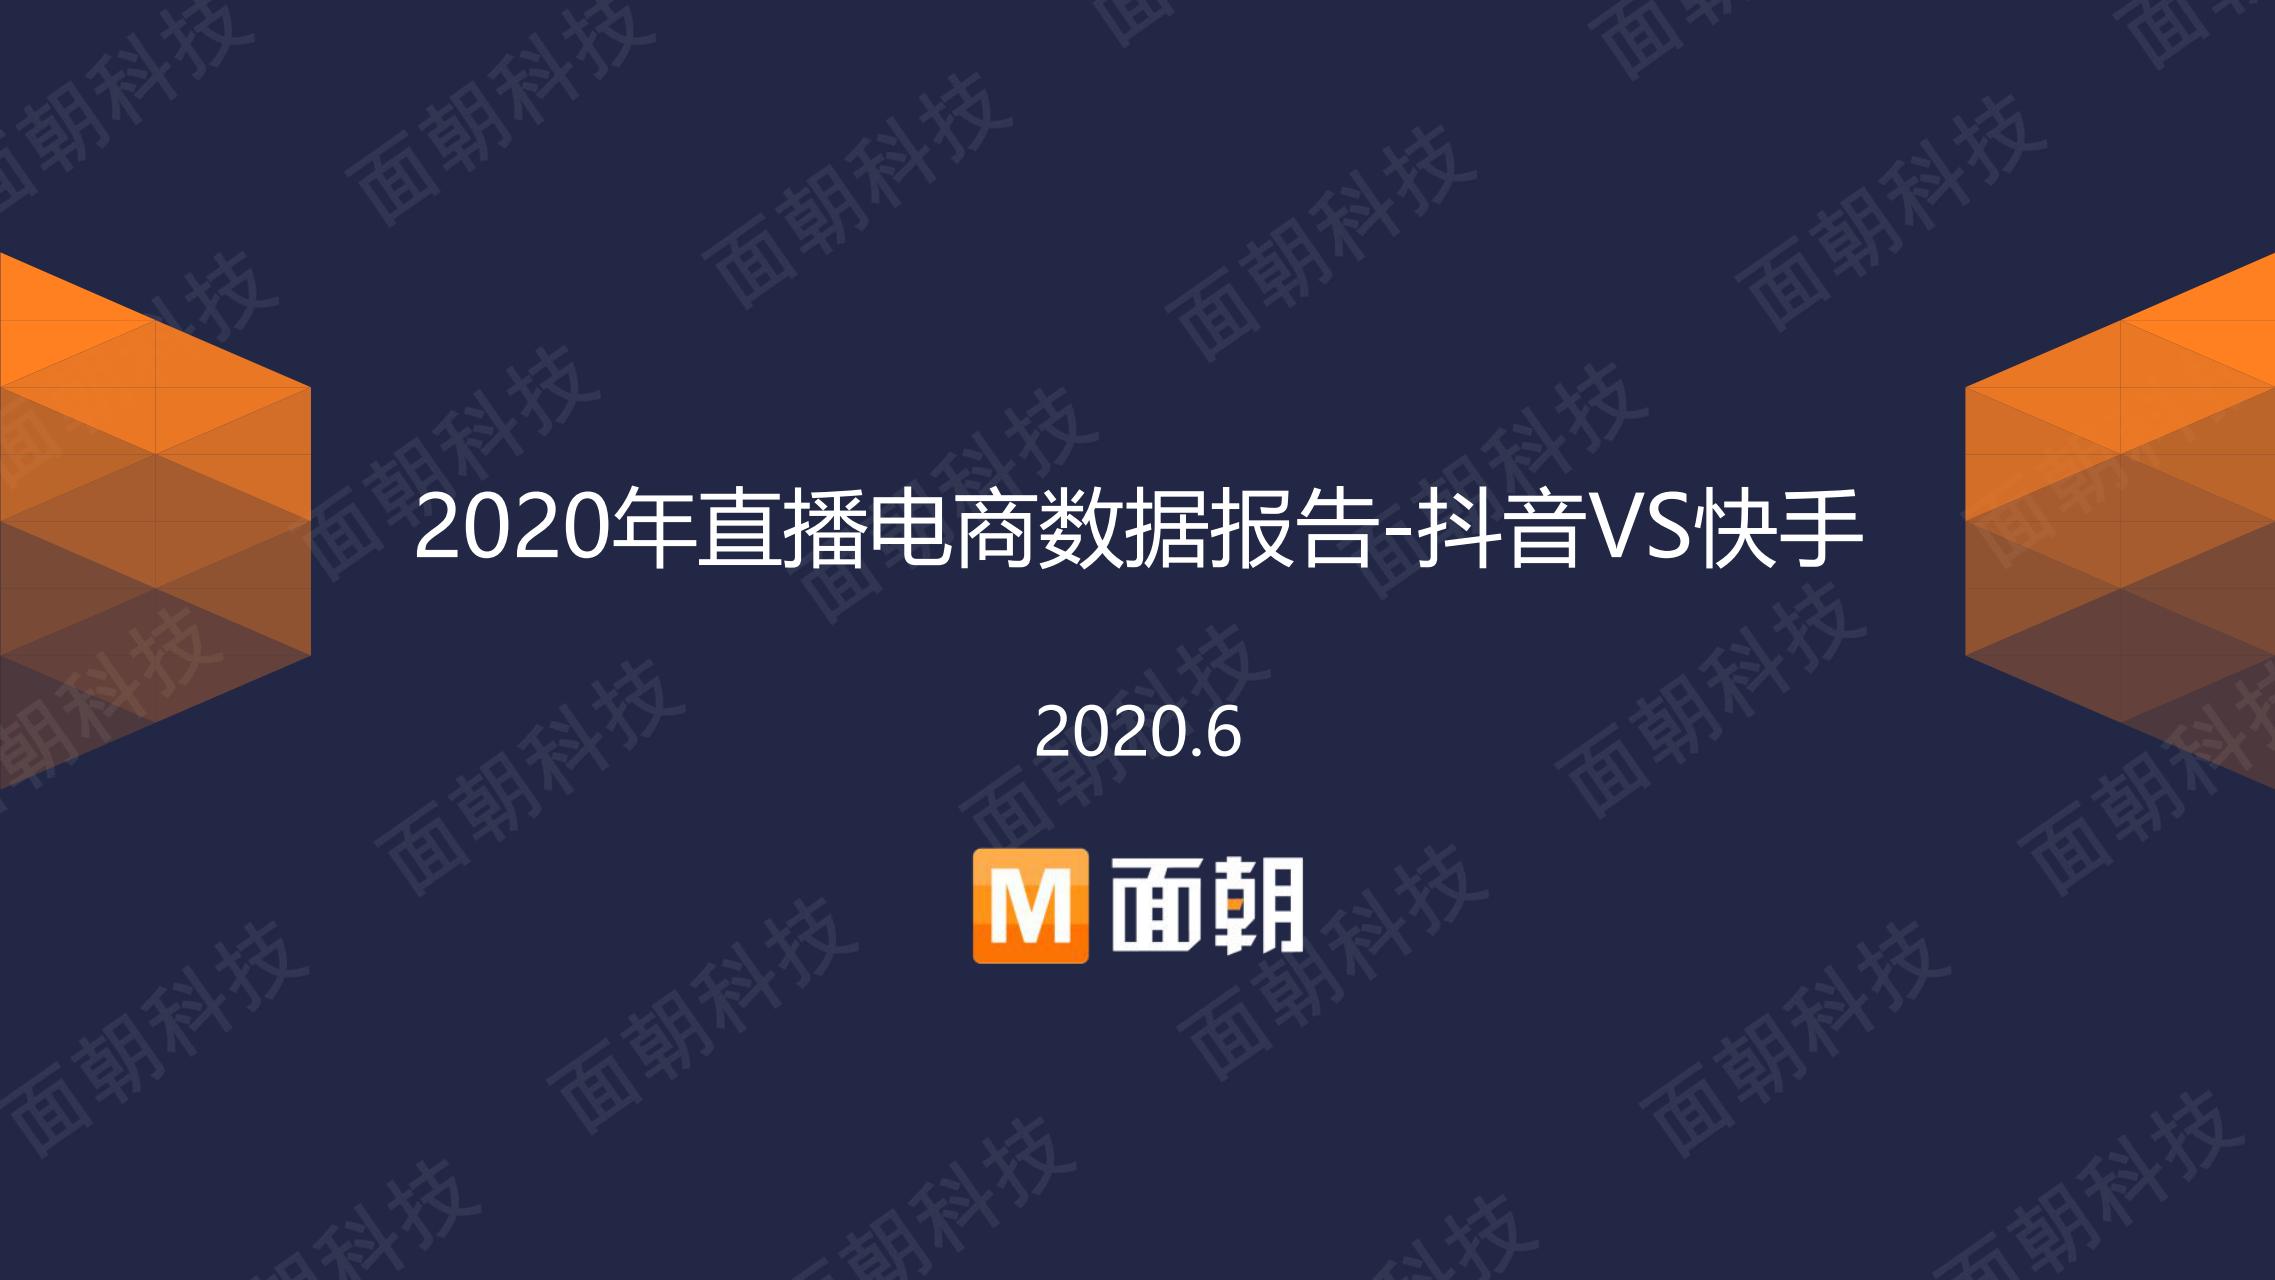 2020年直播电商数据报告-抖音VS快手